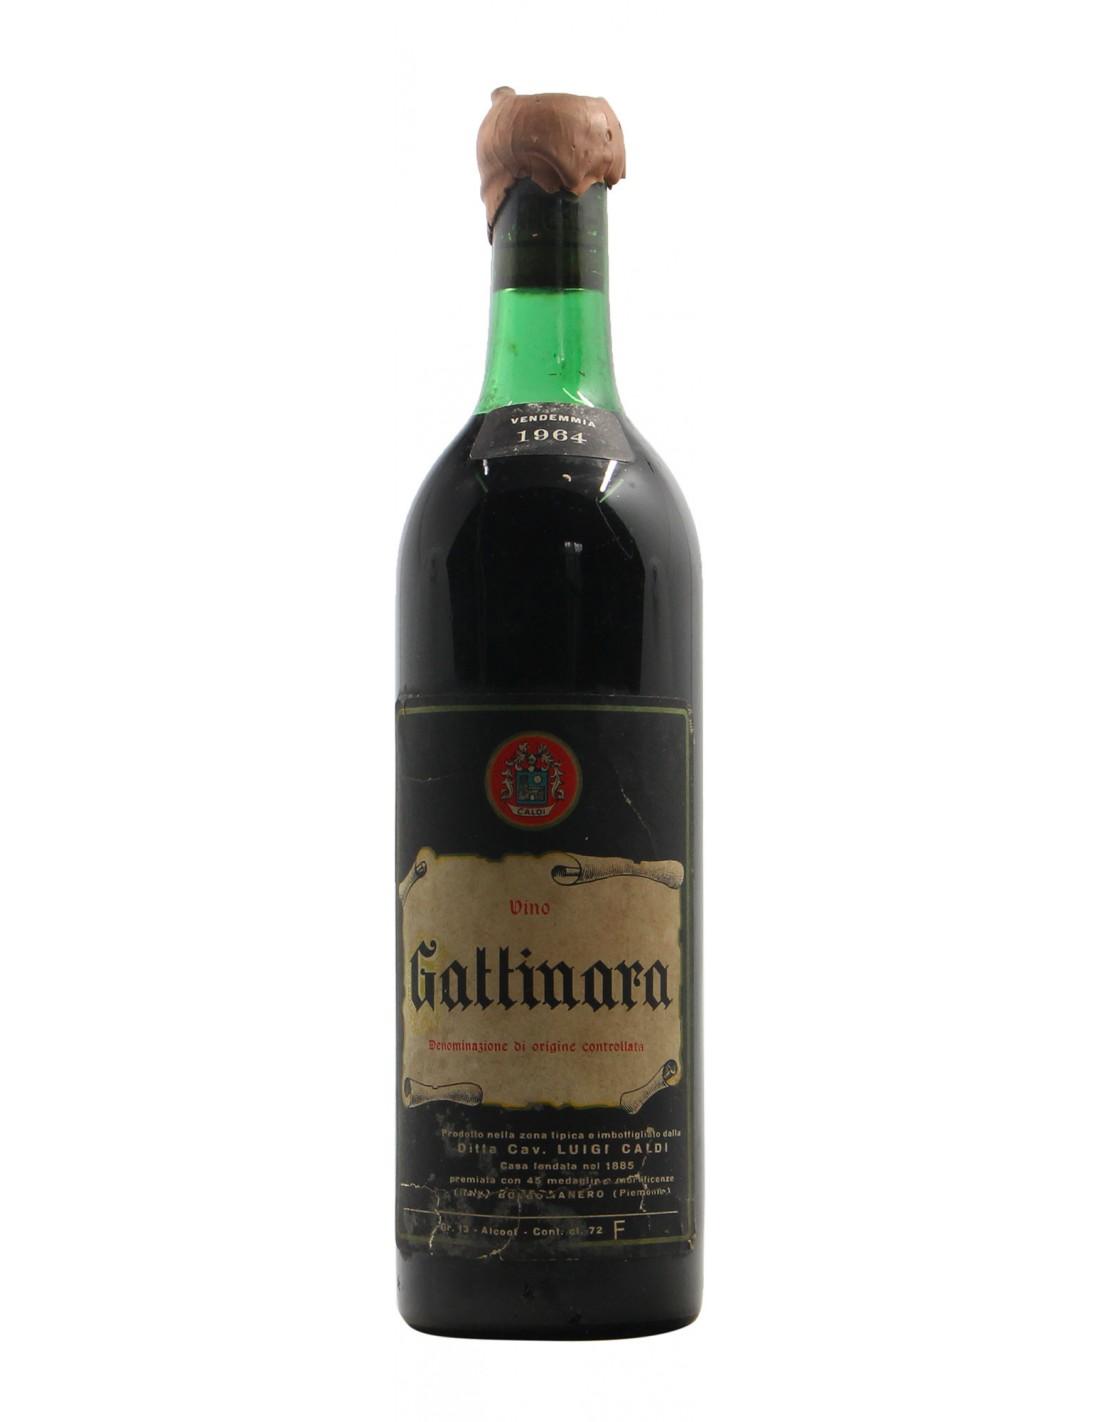 Gattinara 1964 CALDI GRANDI BOTTIGLIE